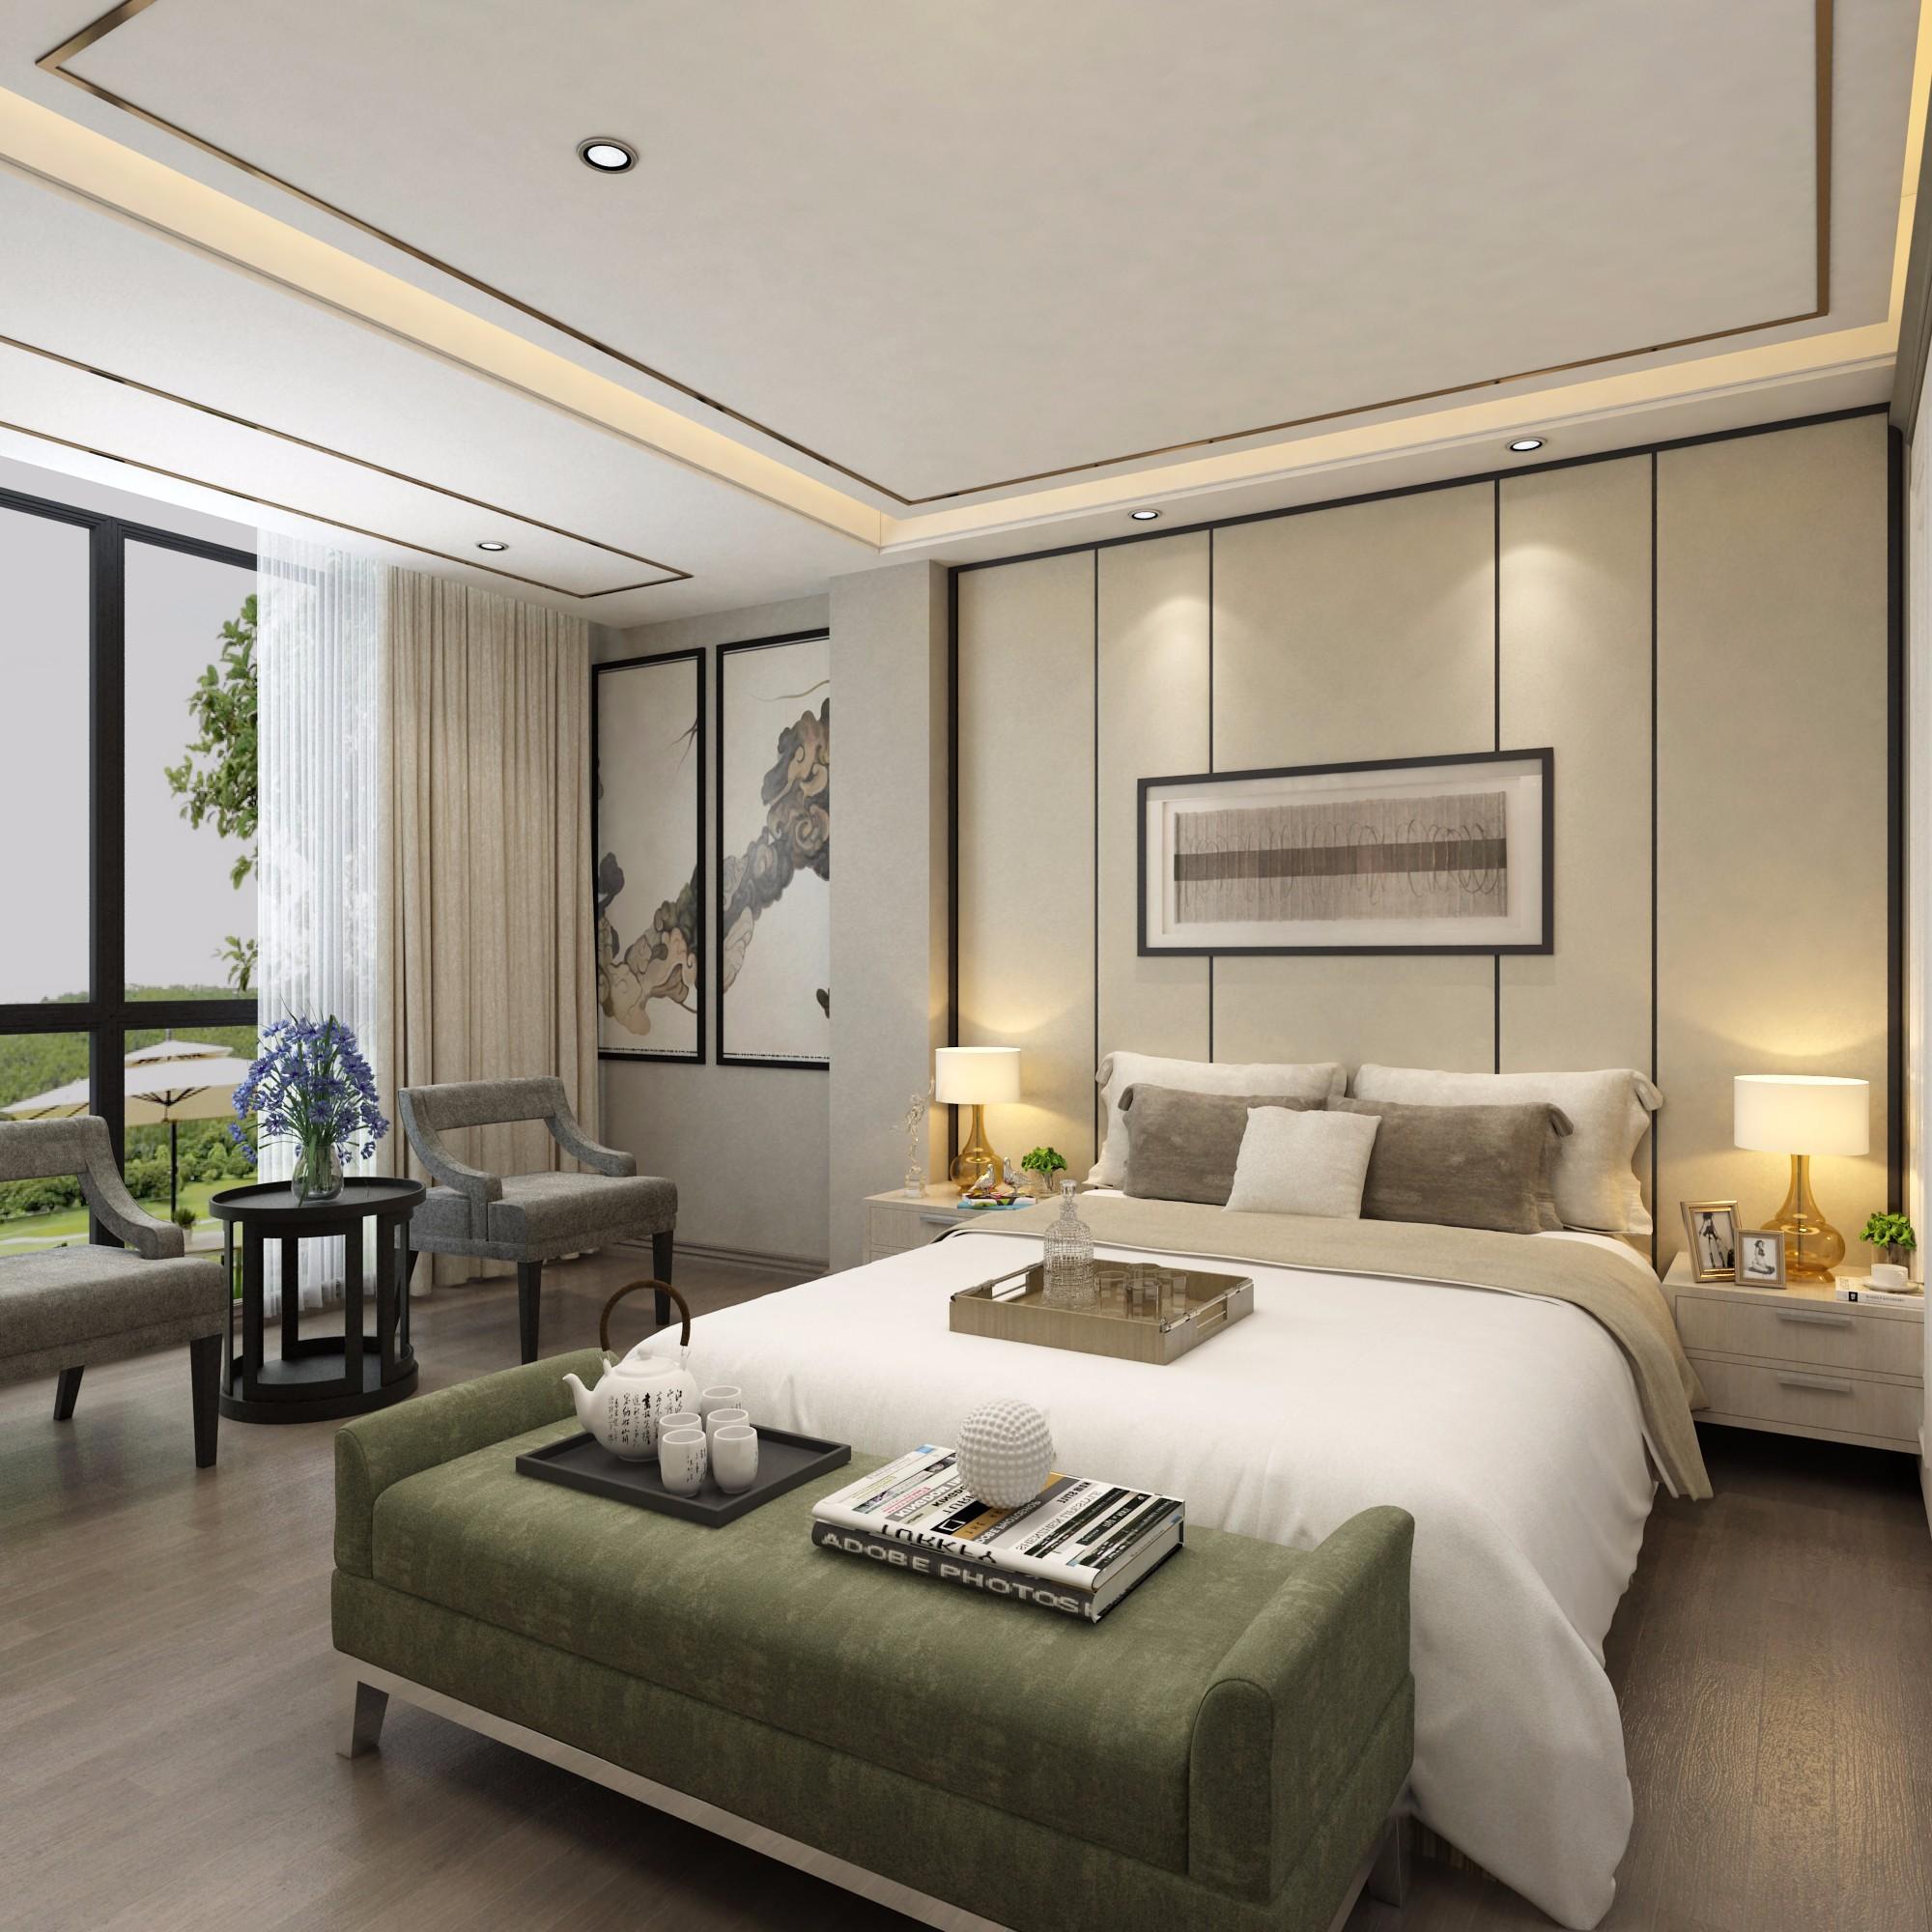 新中式卧室 - 效果图交流区-建e室内设计网